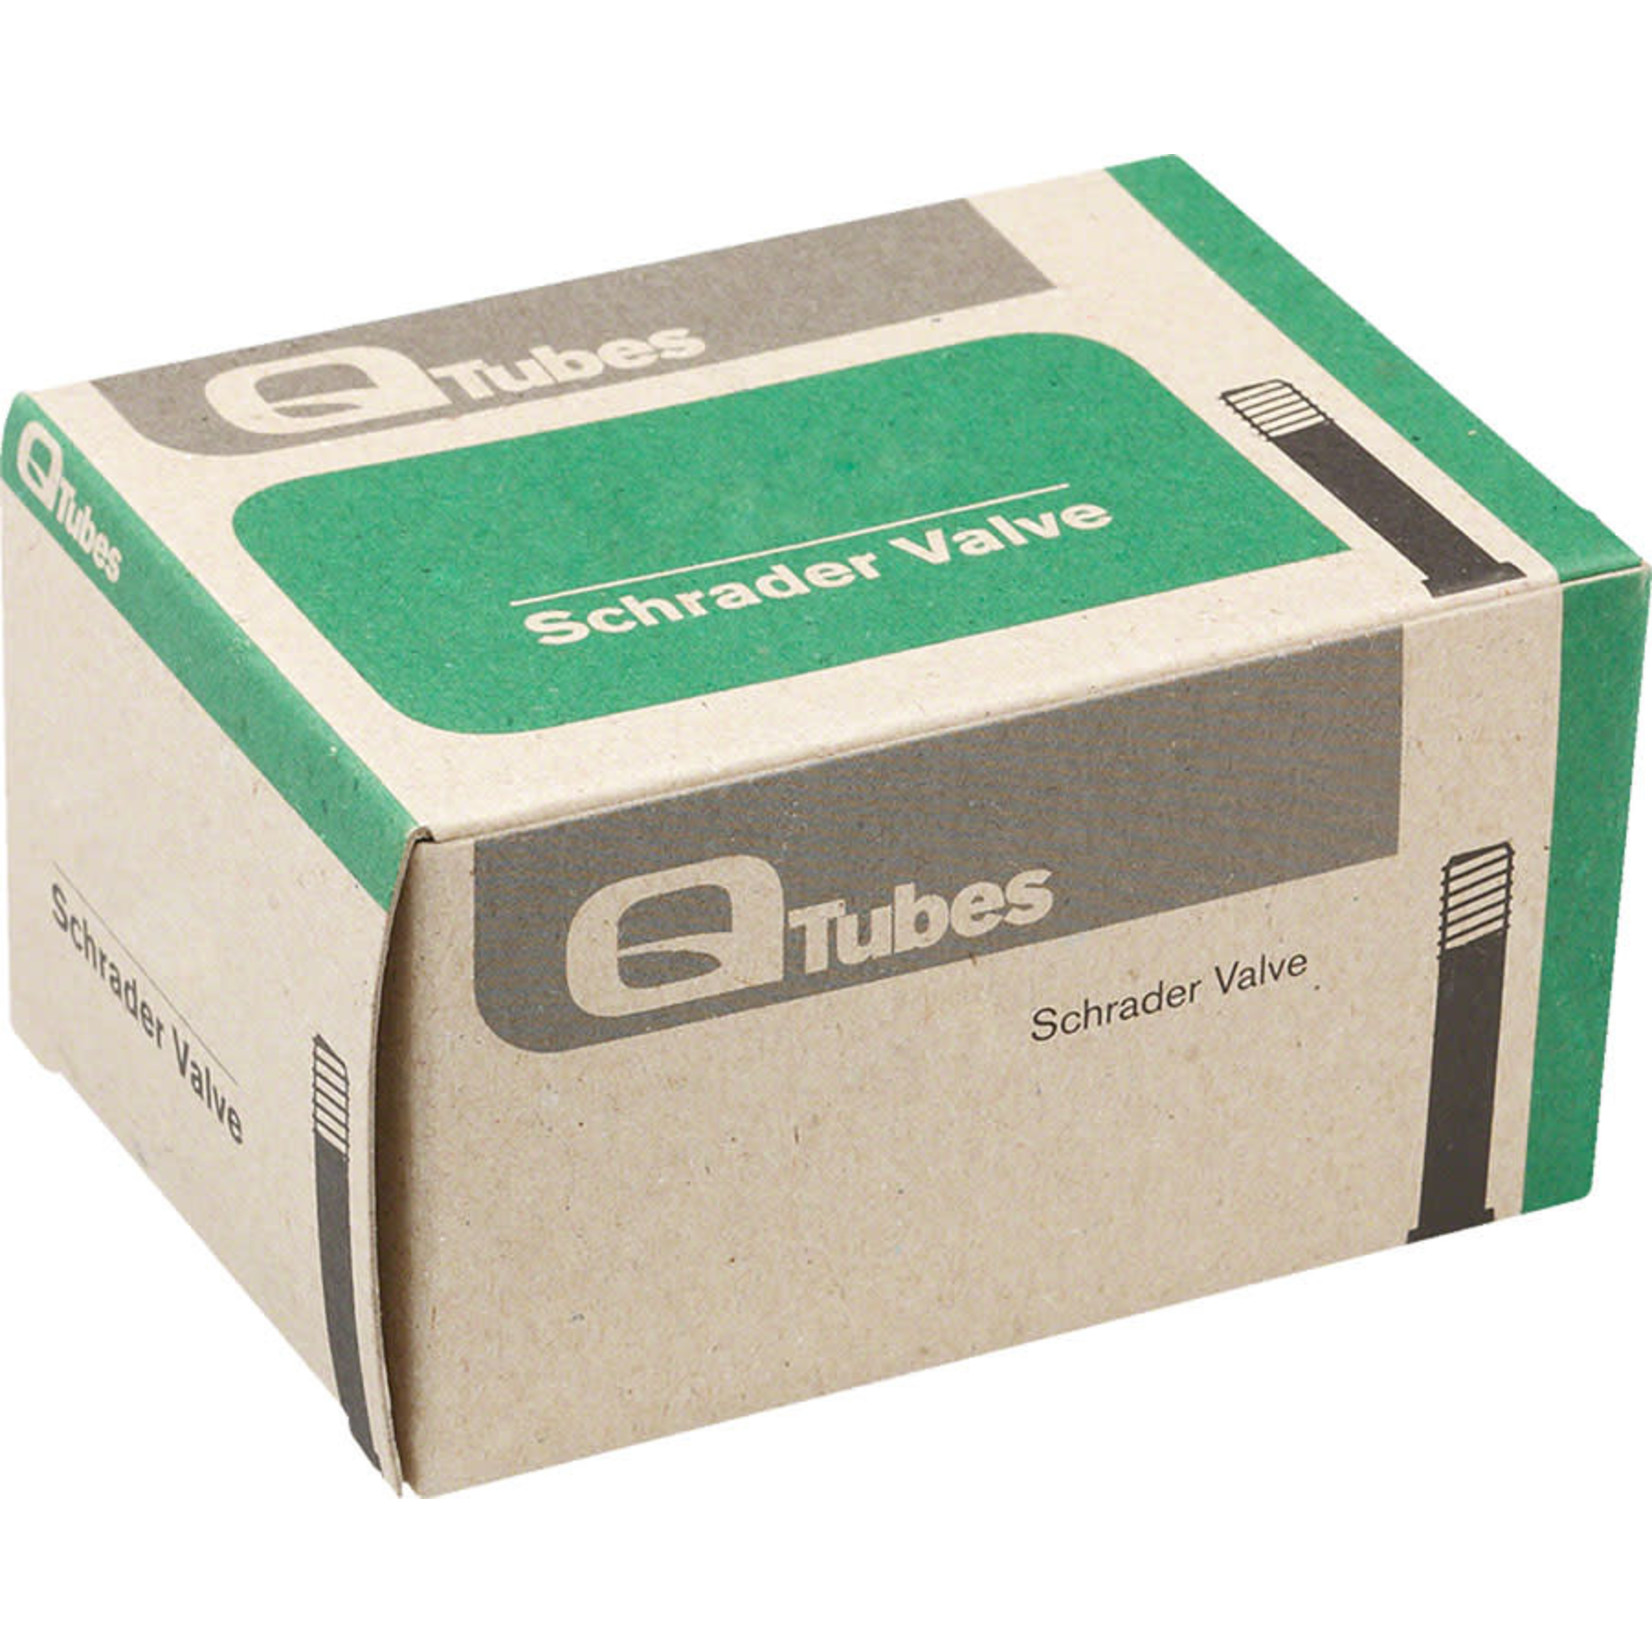 """Q-Tubes Q-Tubes 700c x 23-25mm Schrader Valve Tube 110g 27"""" x 1-1/8"""""""